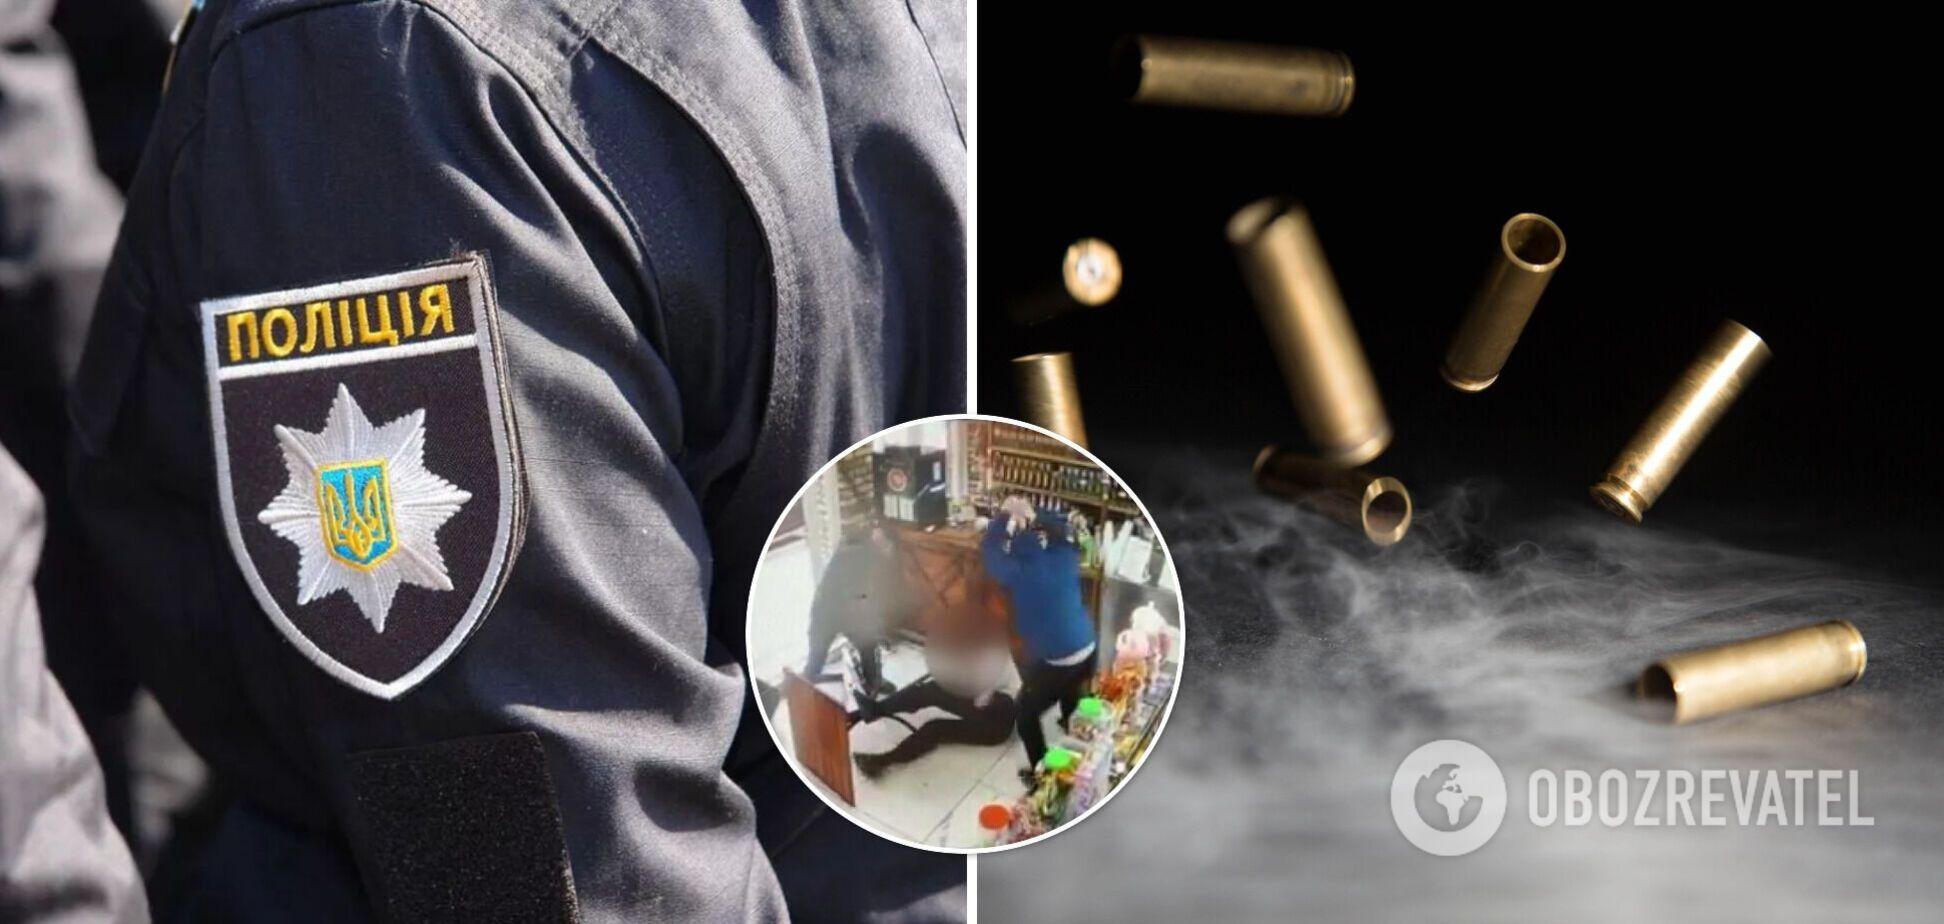 На Харківщині чоловіка побили битами і розстріляли в магазині. Фото і відео 18+